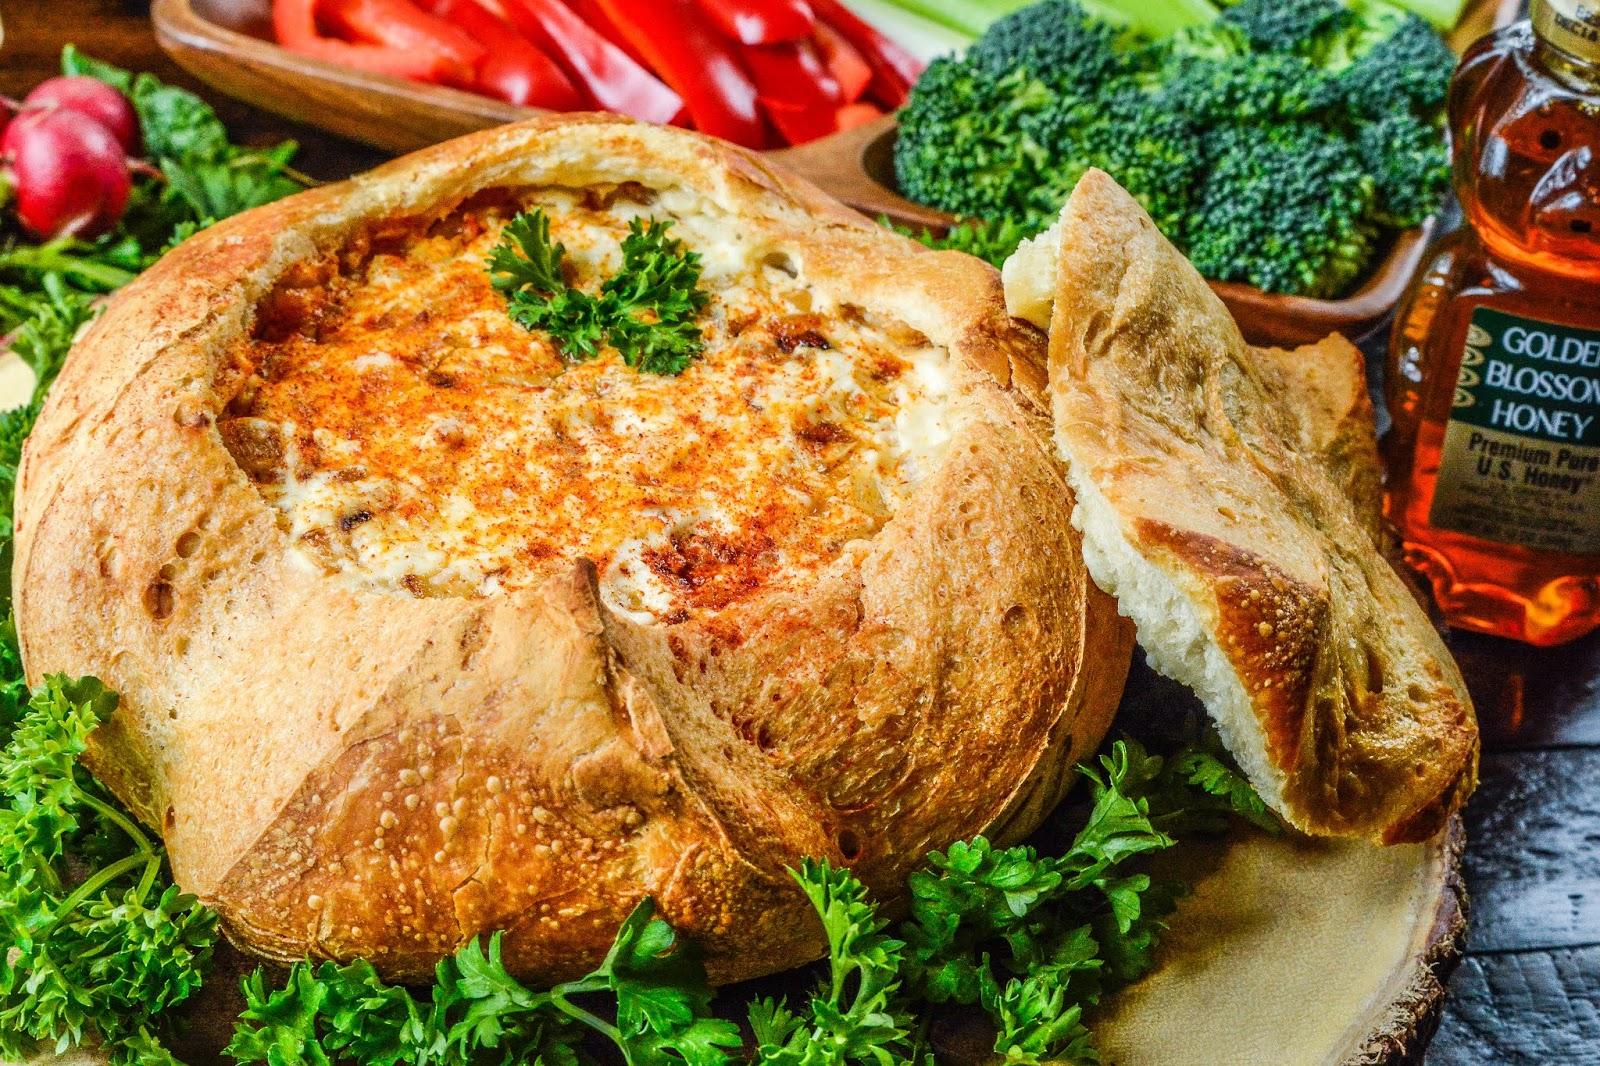 Baked Brie in Sourdough Bread